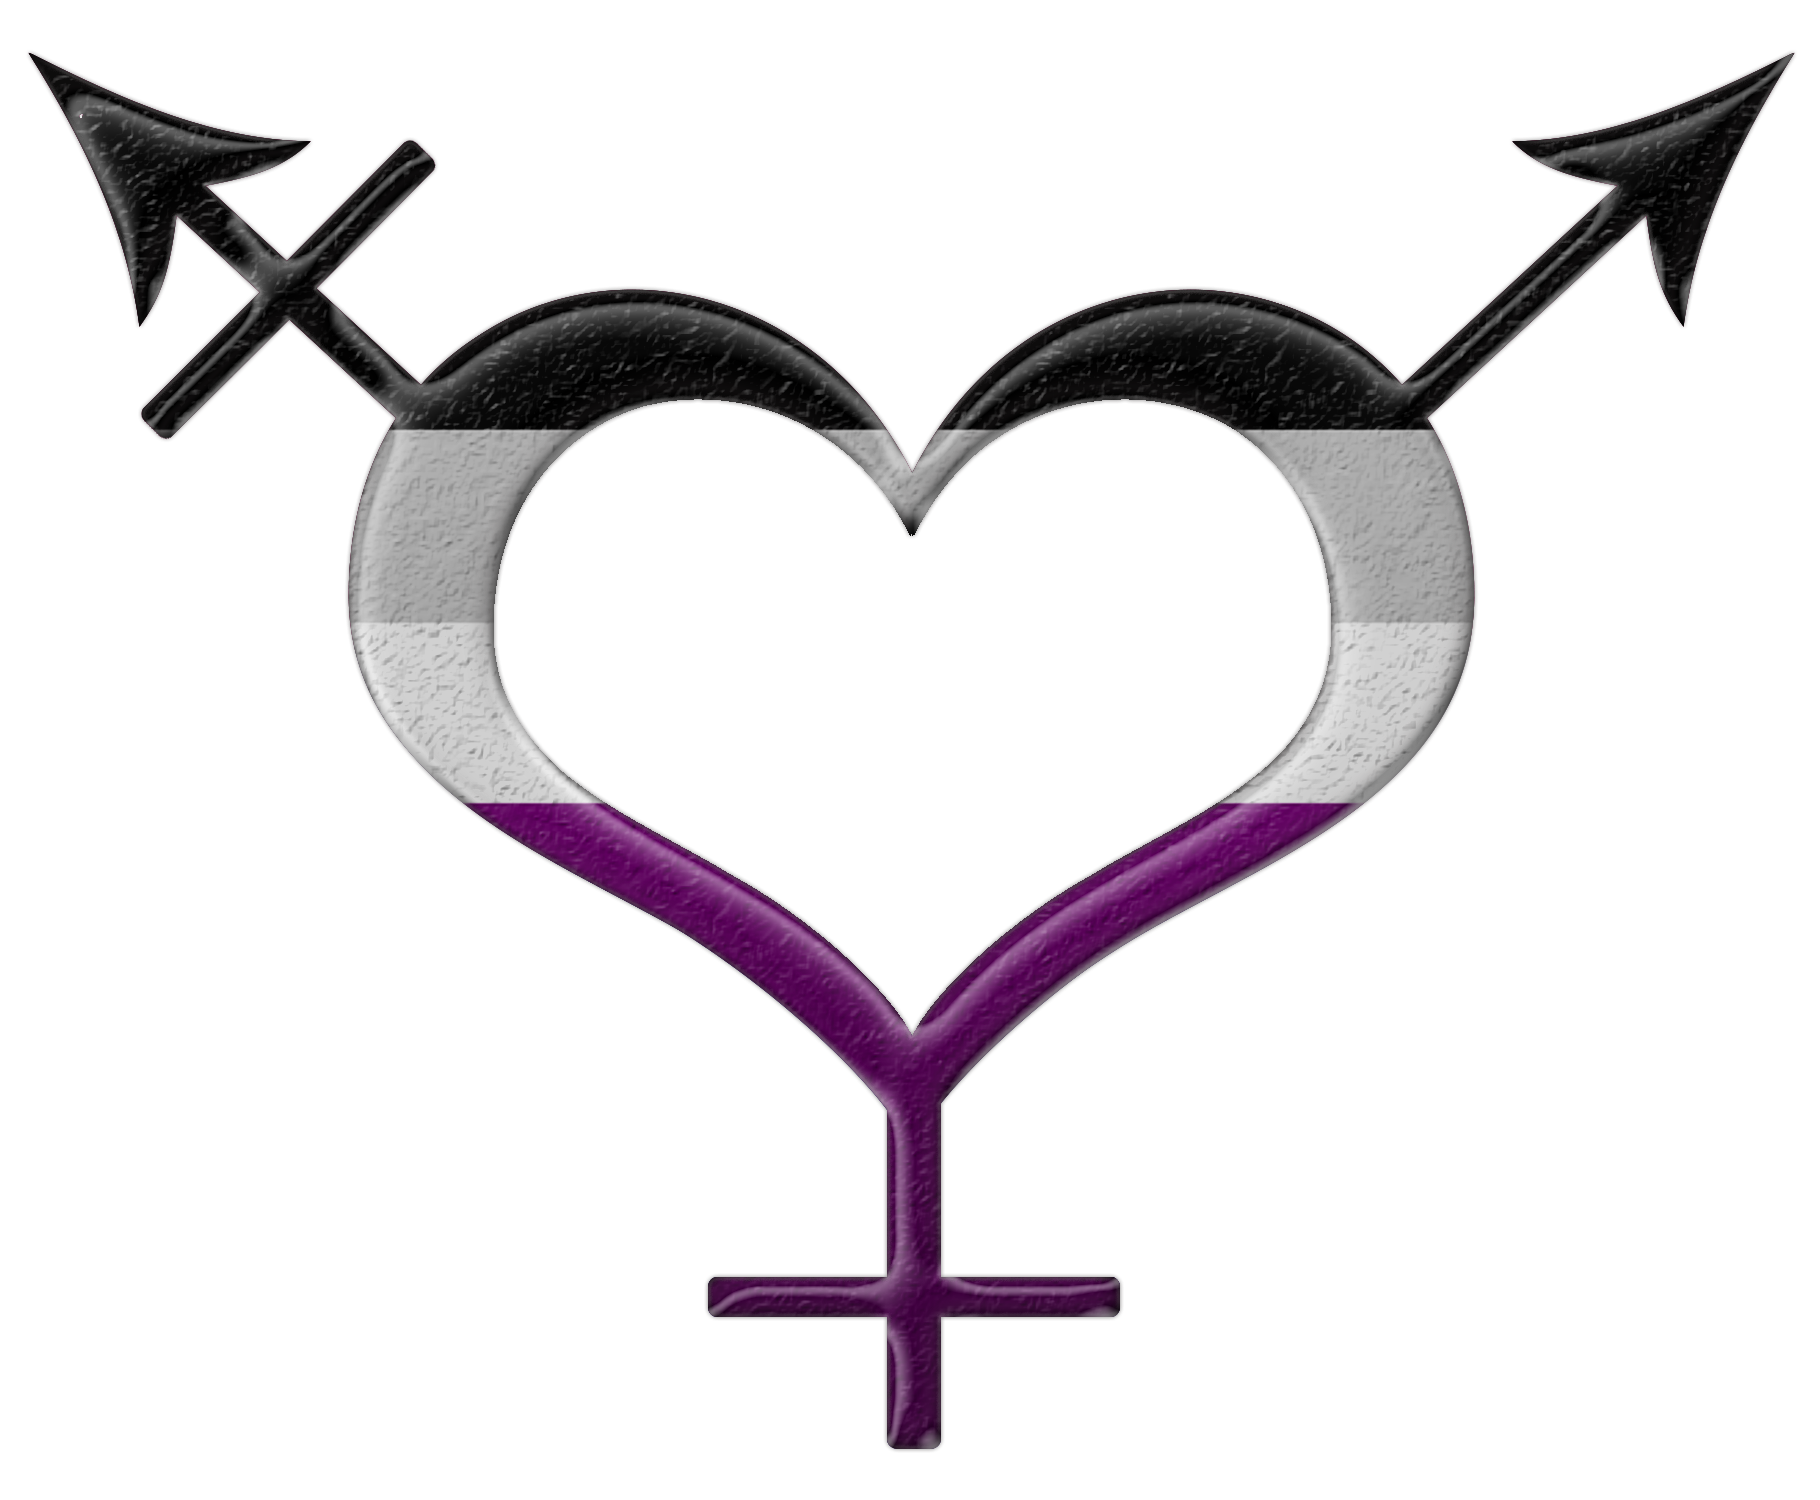 Asexual pride symbols